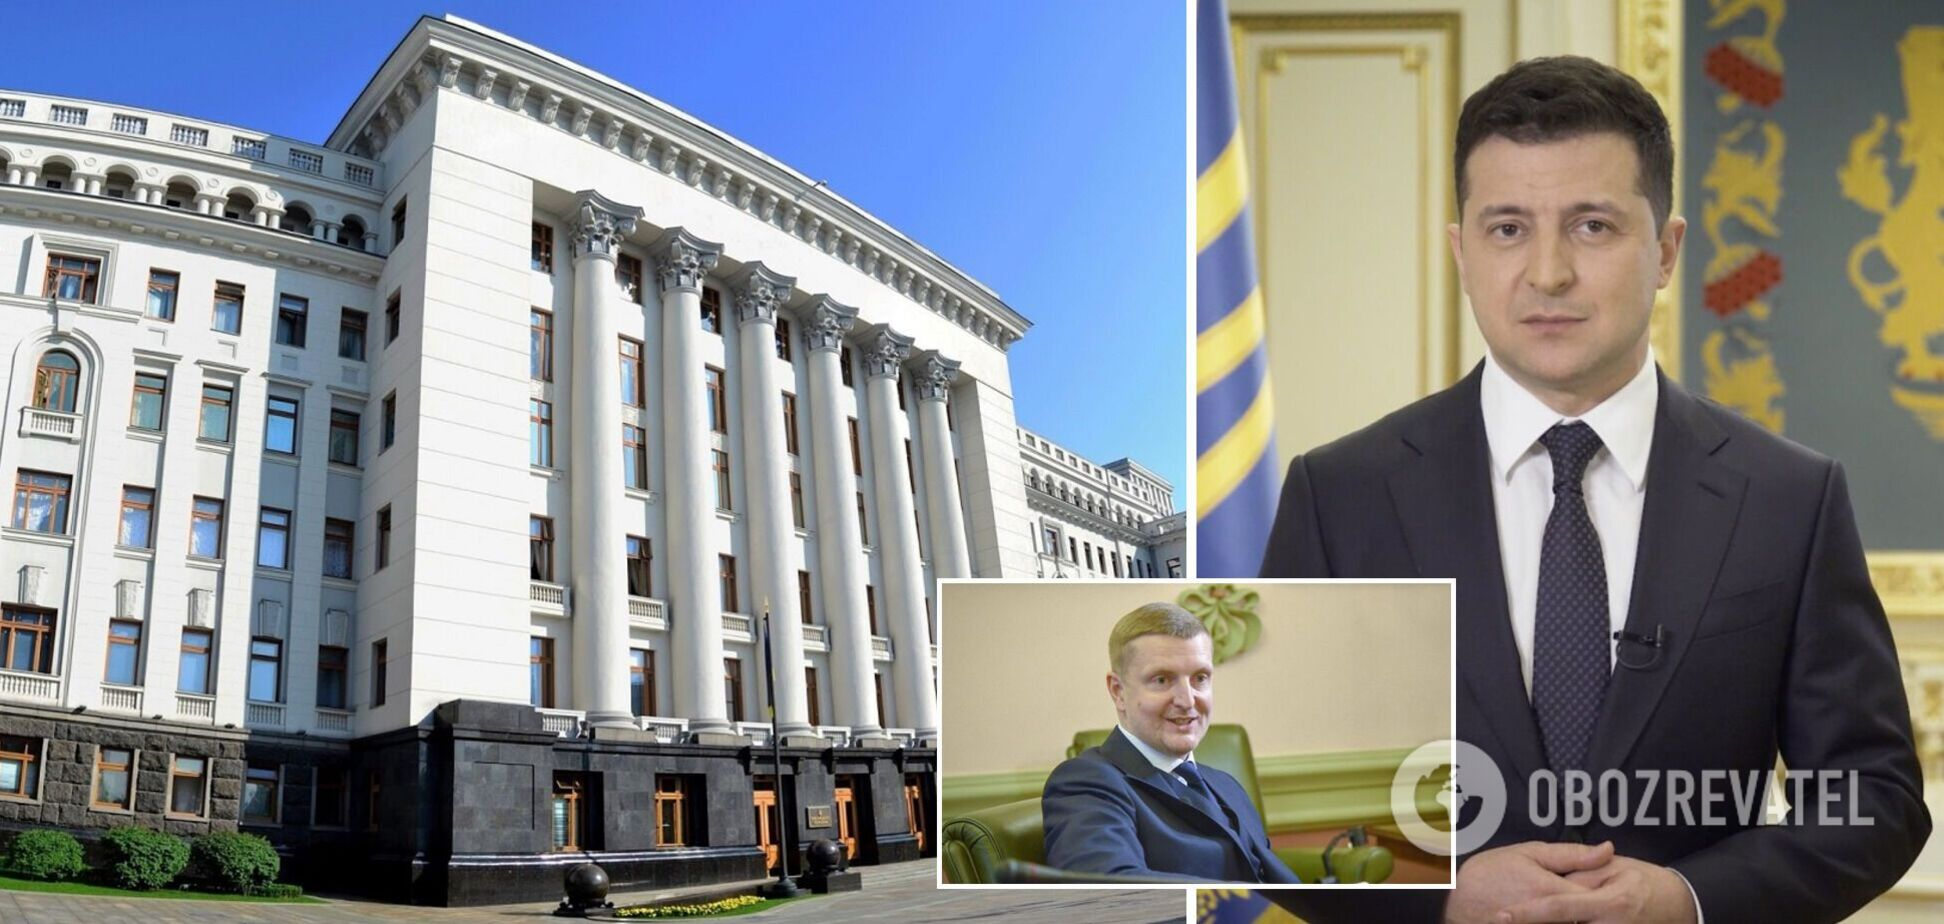 Зеленский назначил нового замглавы Офиса президента